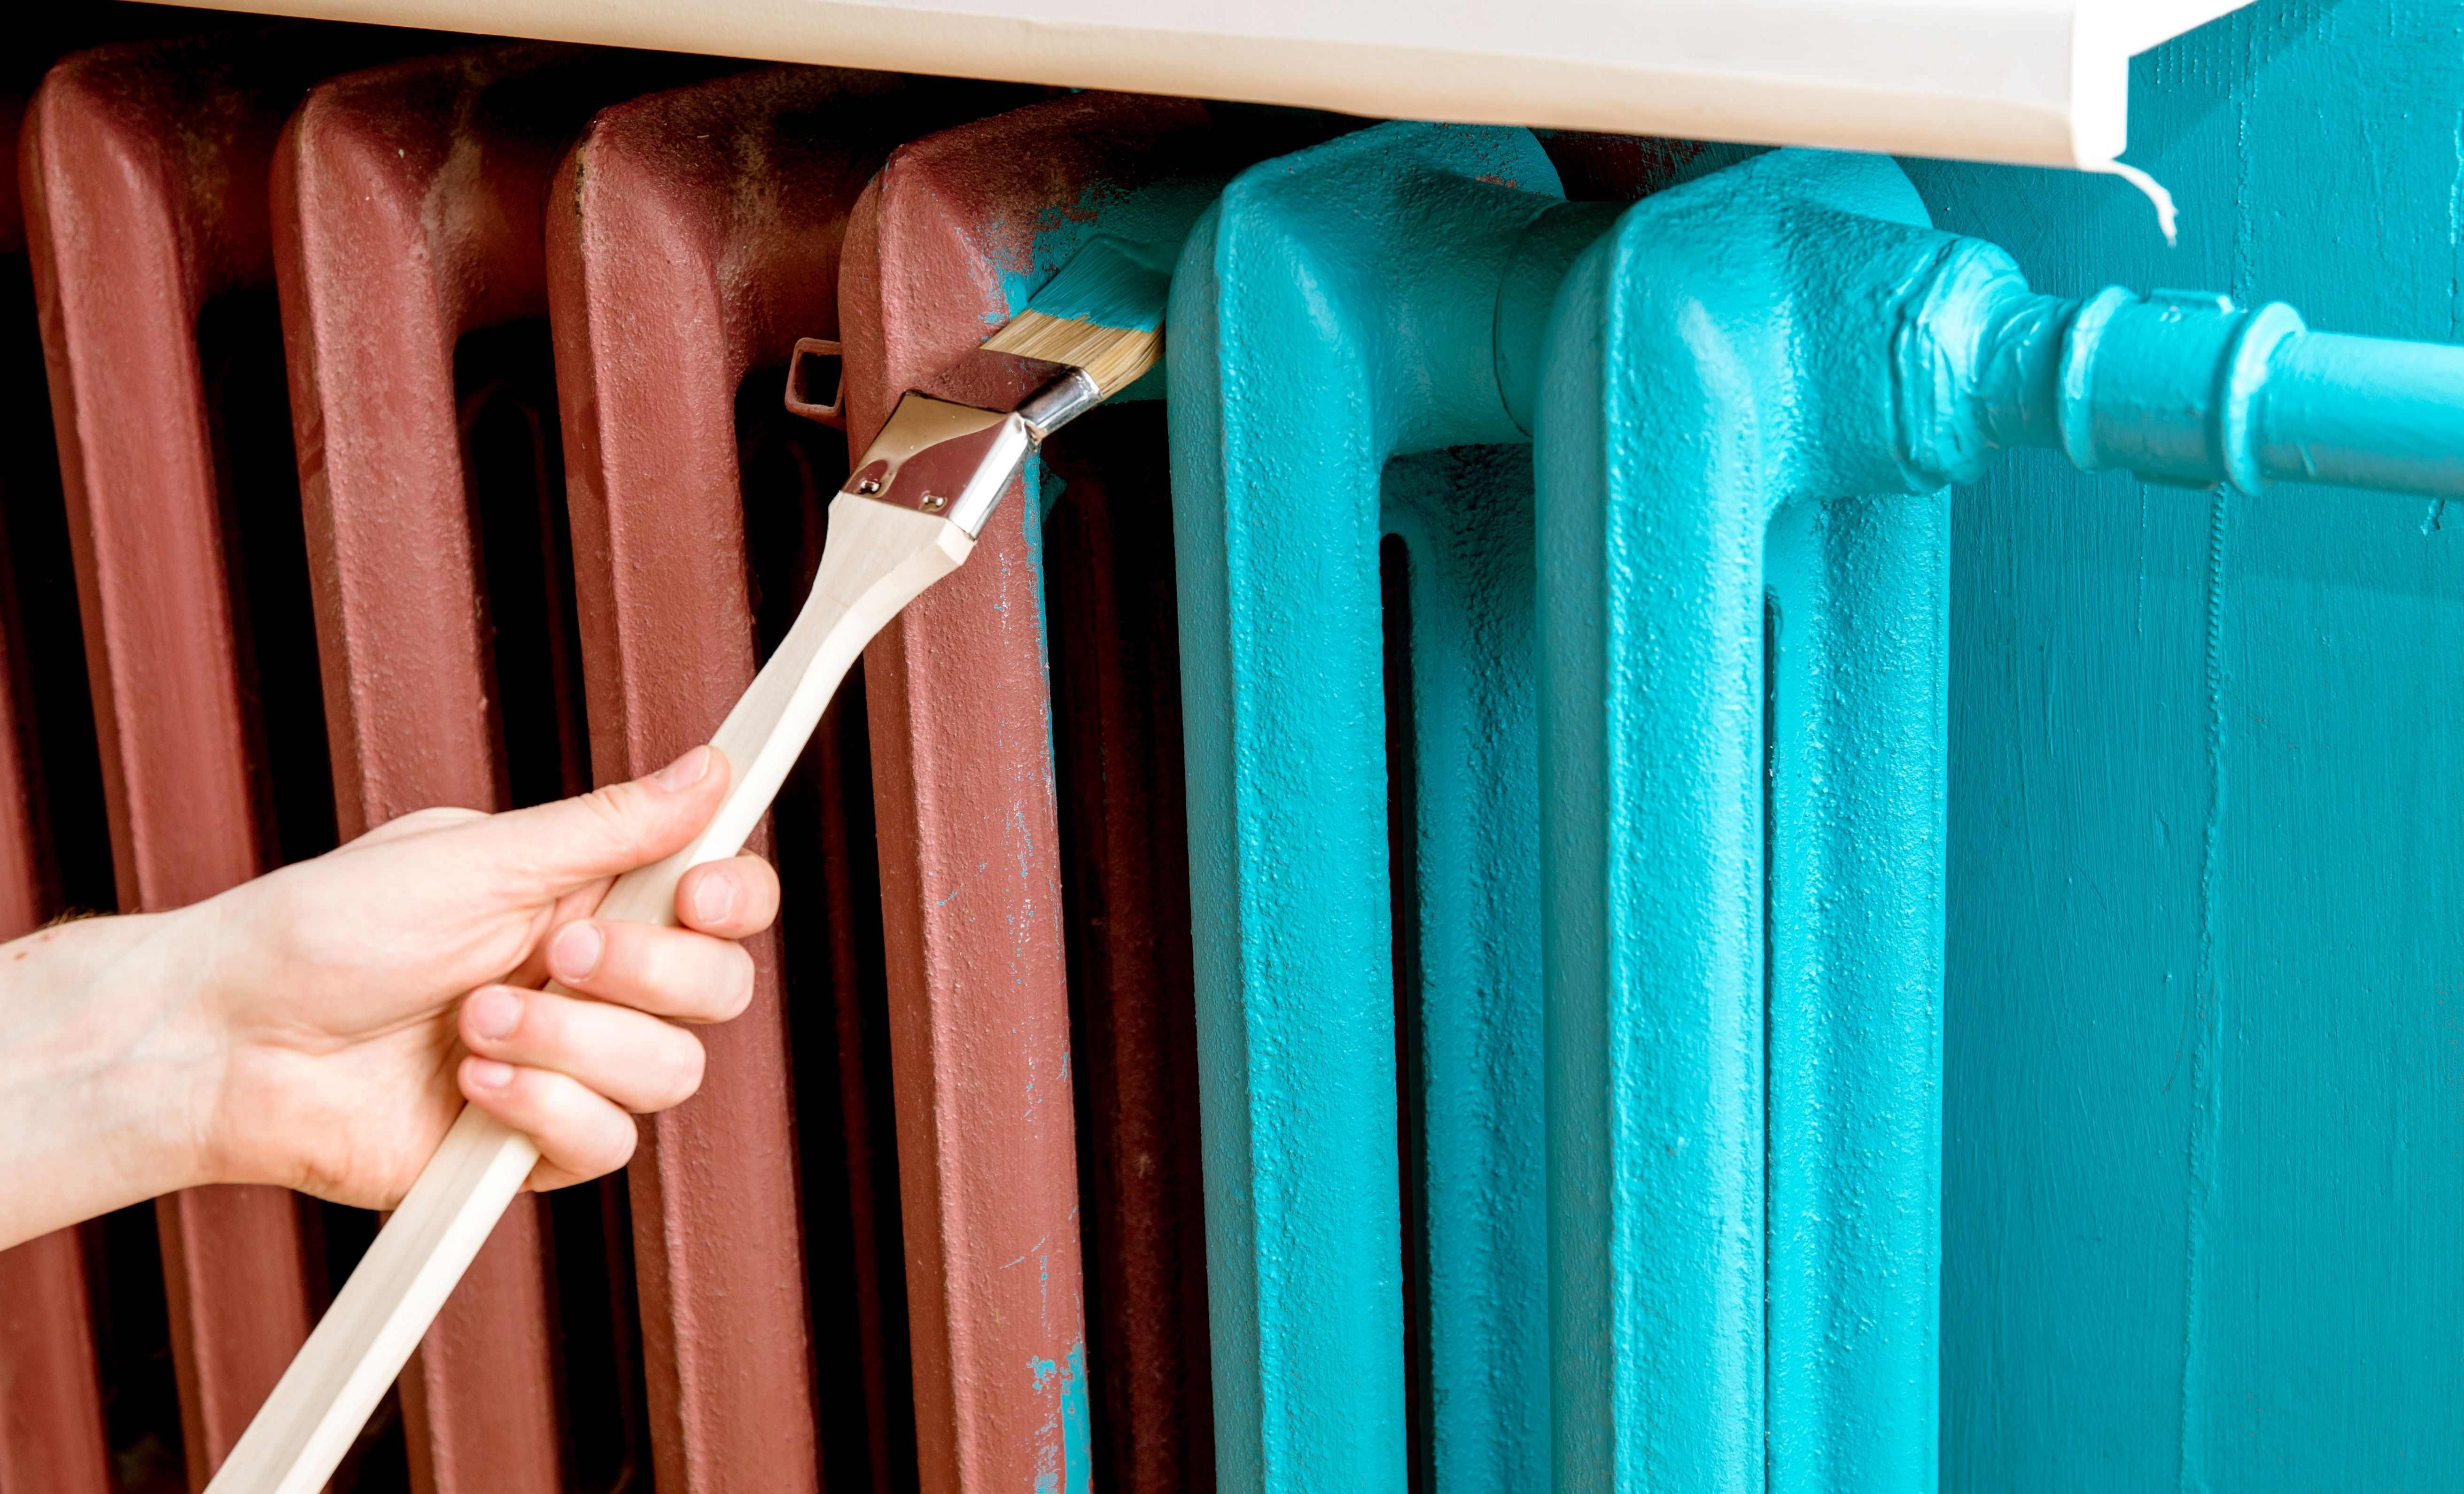 Pittura alta temperatura o termoresistente